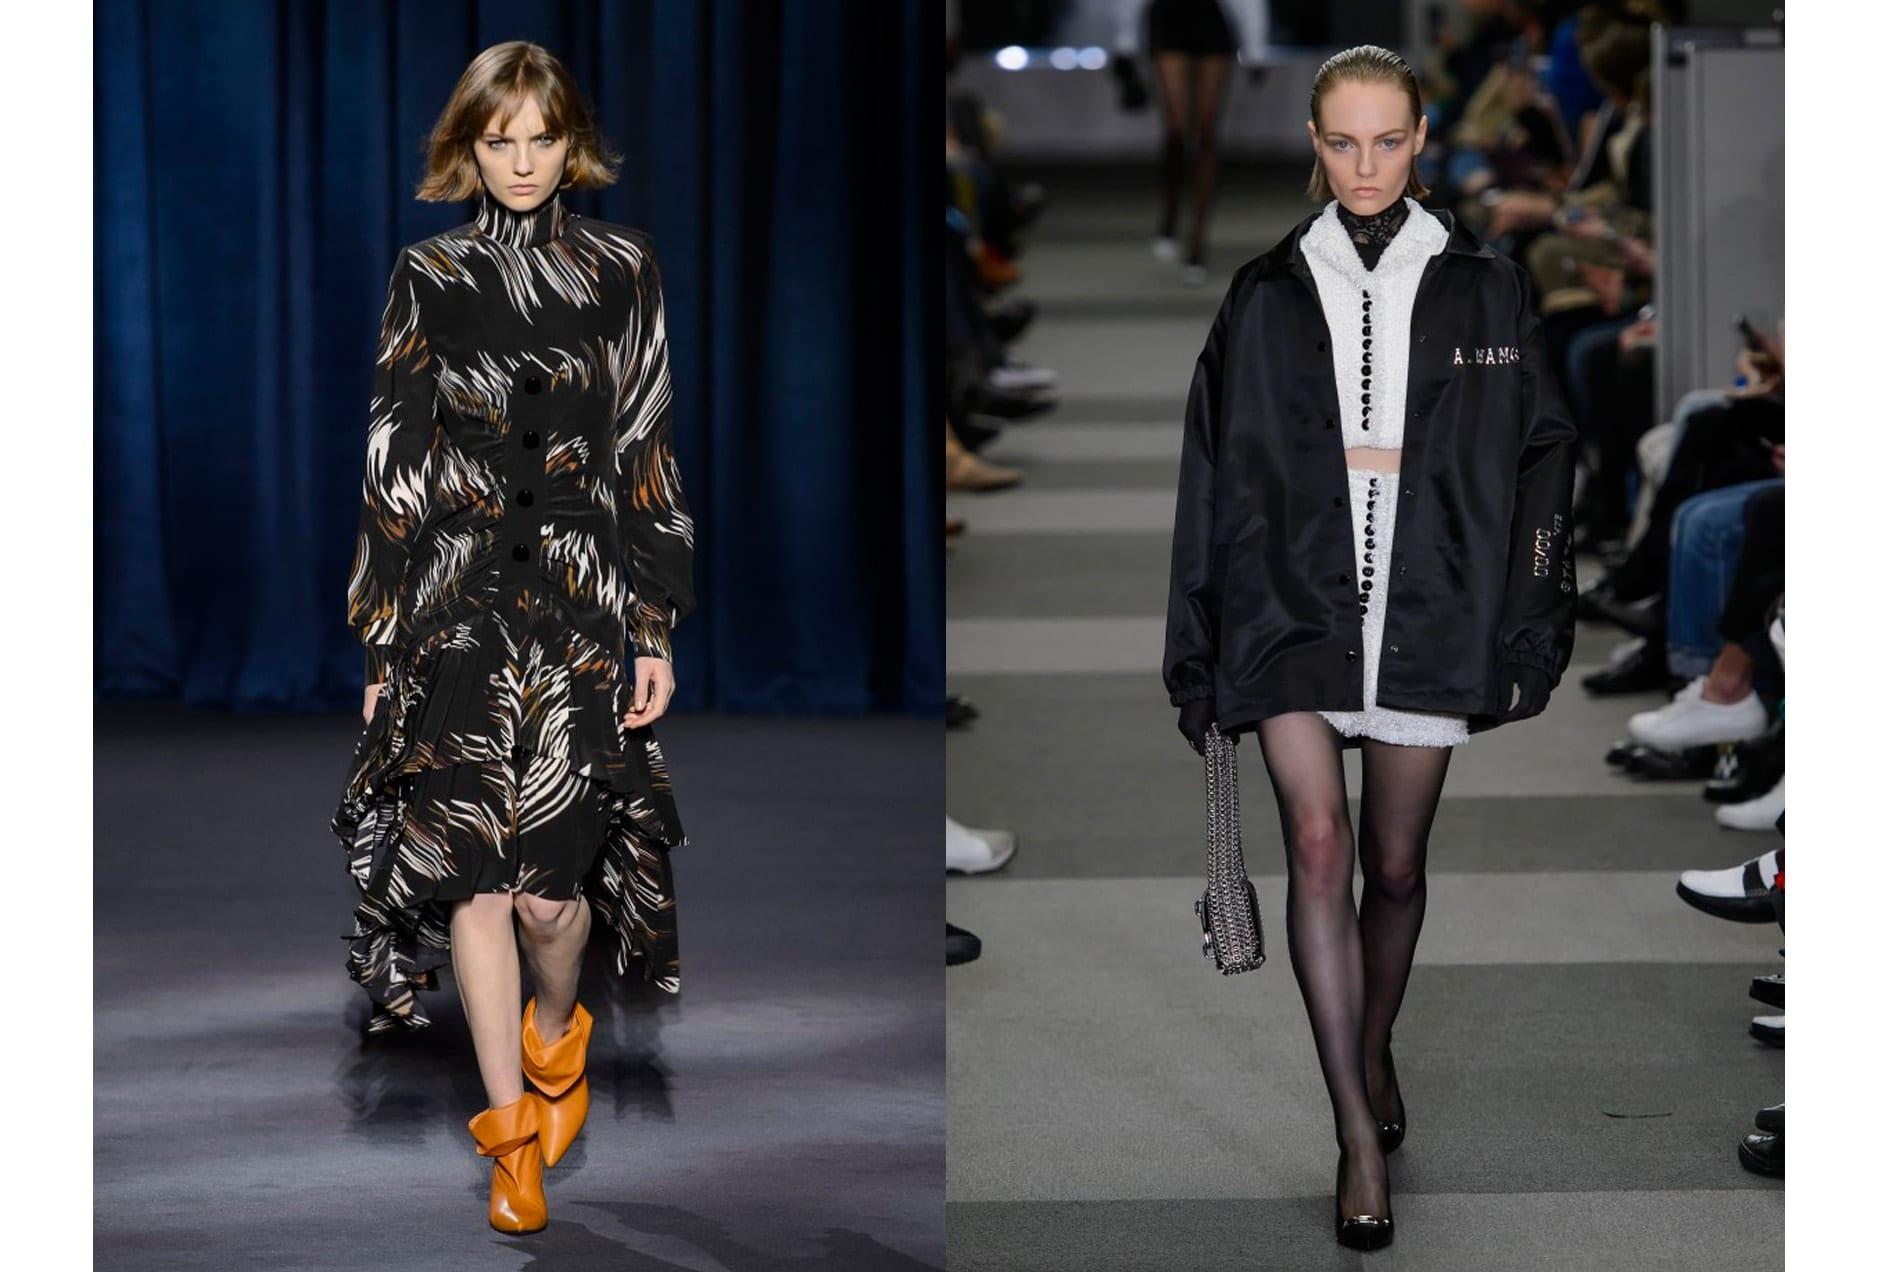 FRAN-SUMMERS_Givenchy_A-Wang-min